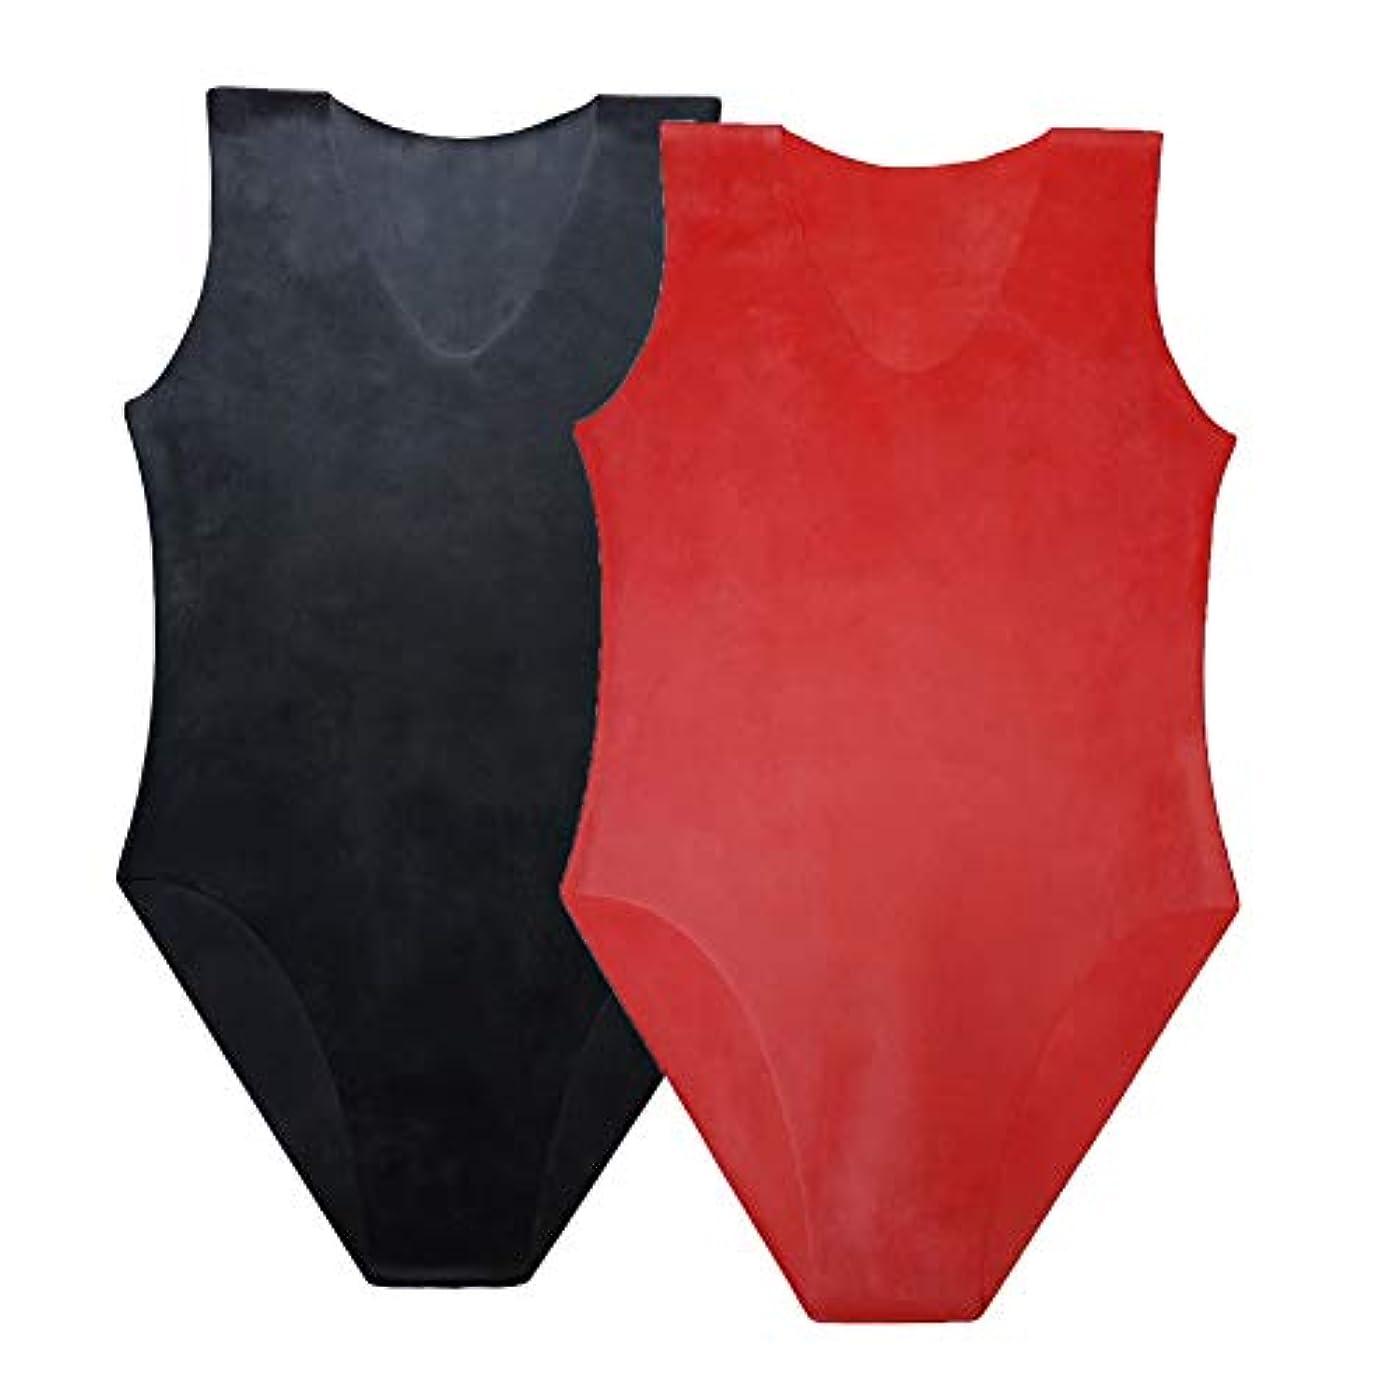 フランクワースリーピルファー敬礼EXLATEX ラテックス ボディスーツ 女性水着 ラテックス ラバー グミ レオタード ブラック ラテックス キャットスーツ